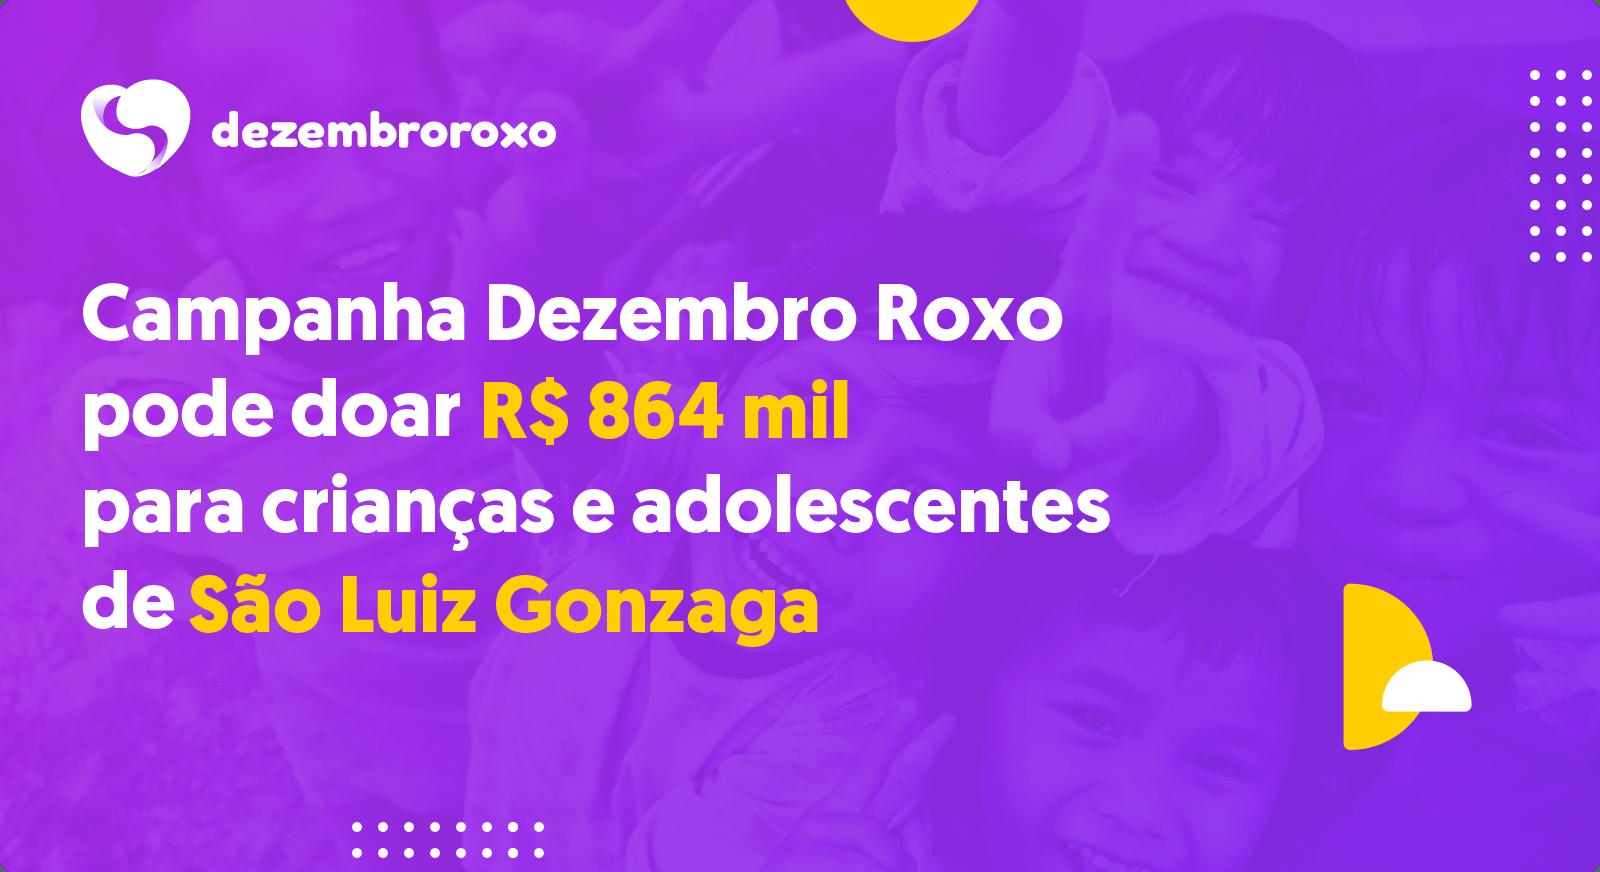 Doações em São Luiz Gonzaga - RS